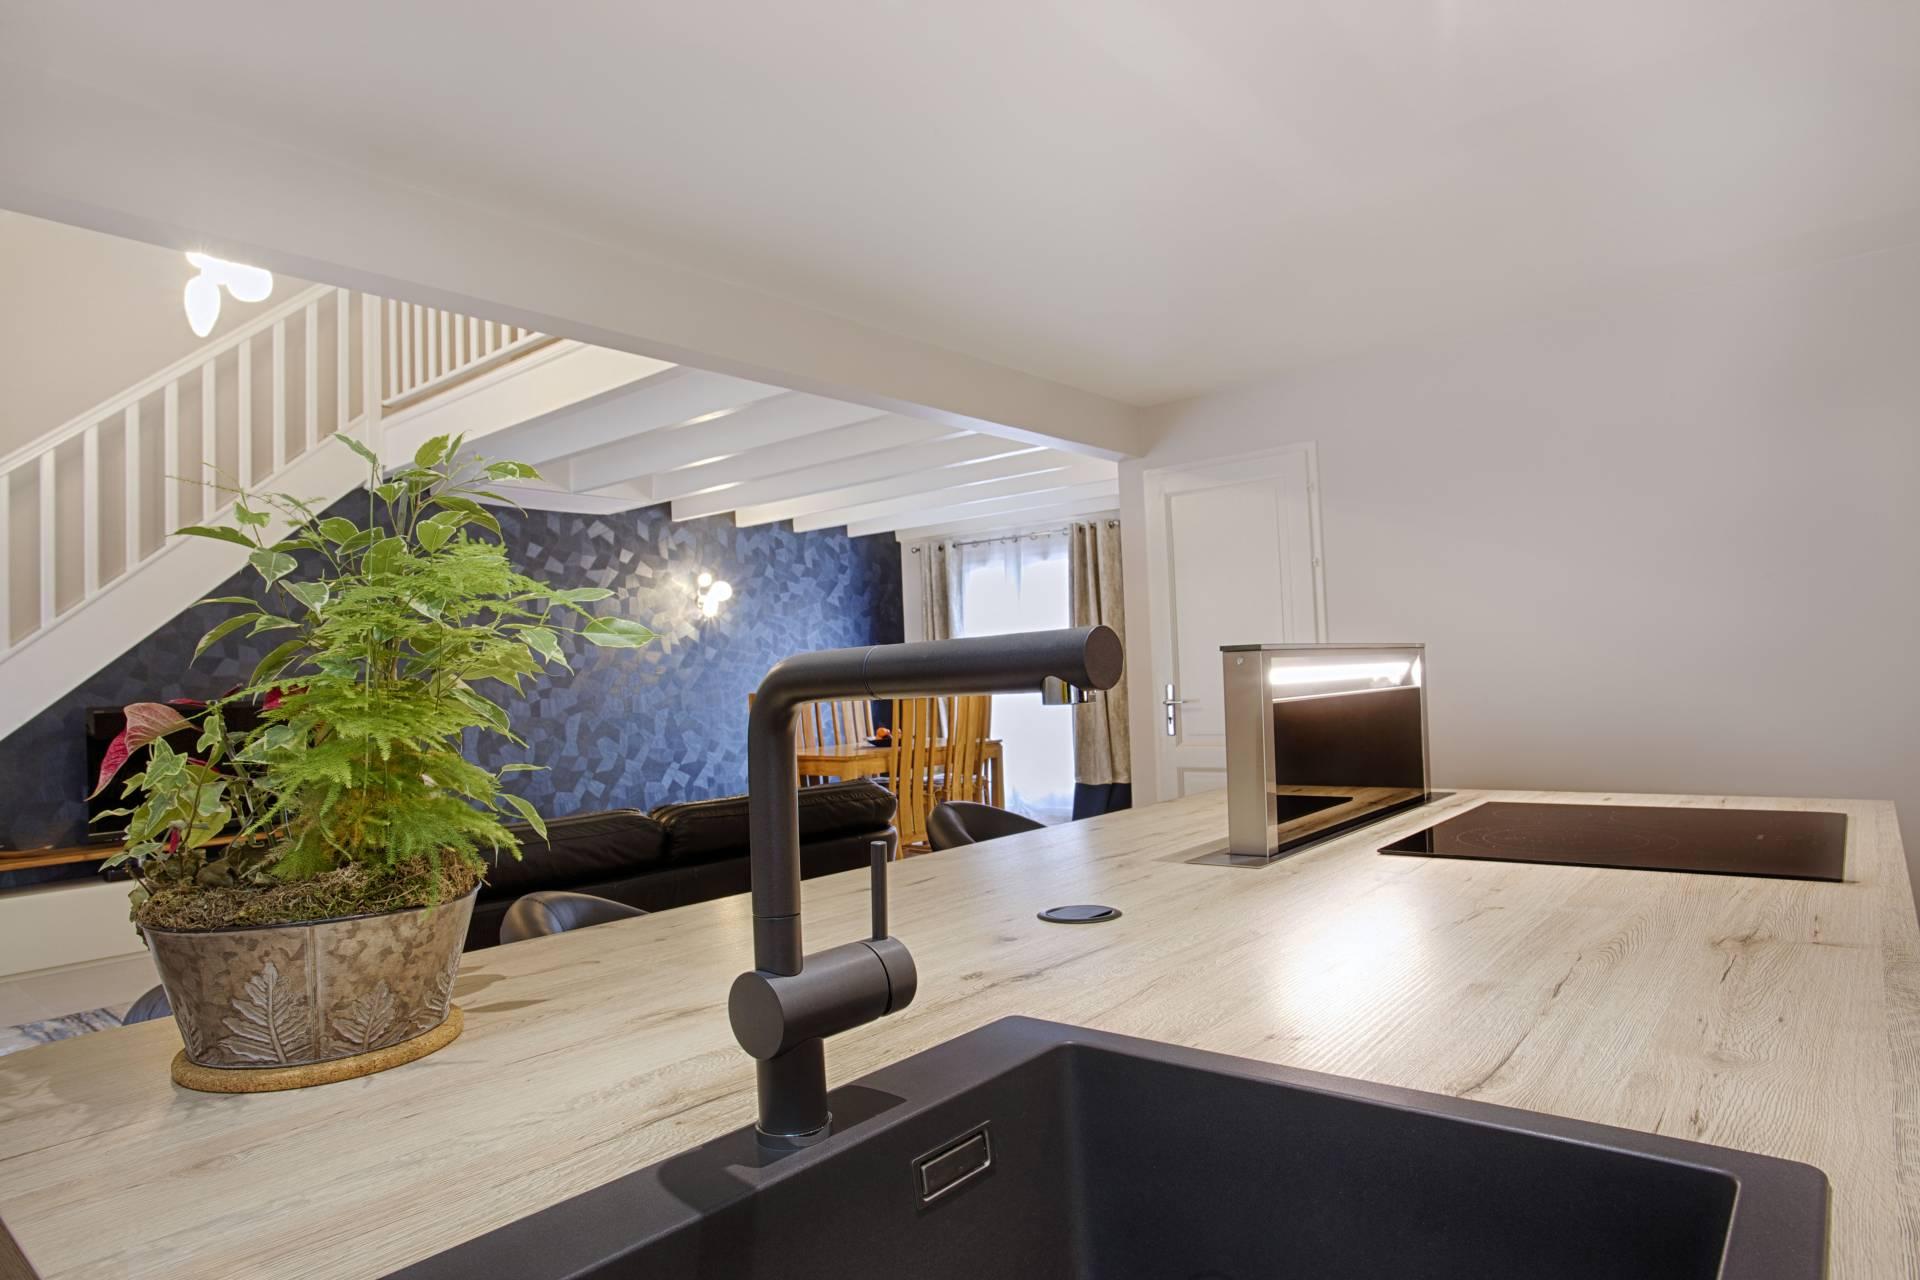 Le projet de cuisine par un Décorateur par BH Déco, Décoratrice UFDI en Essonne 77 91 75 : détail d'un évier et ilot central avec hotte intégrée